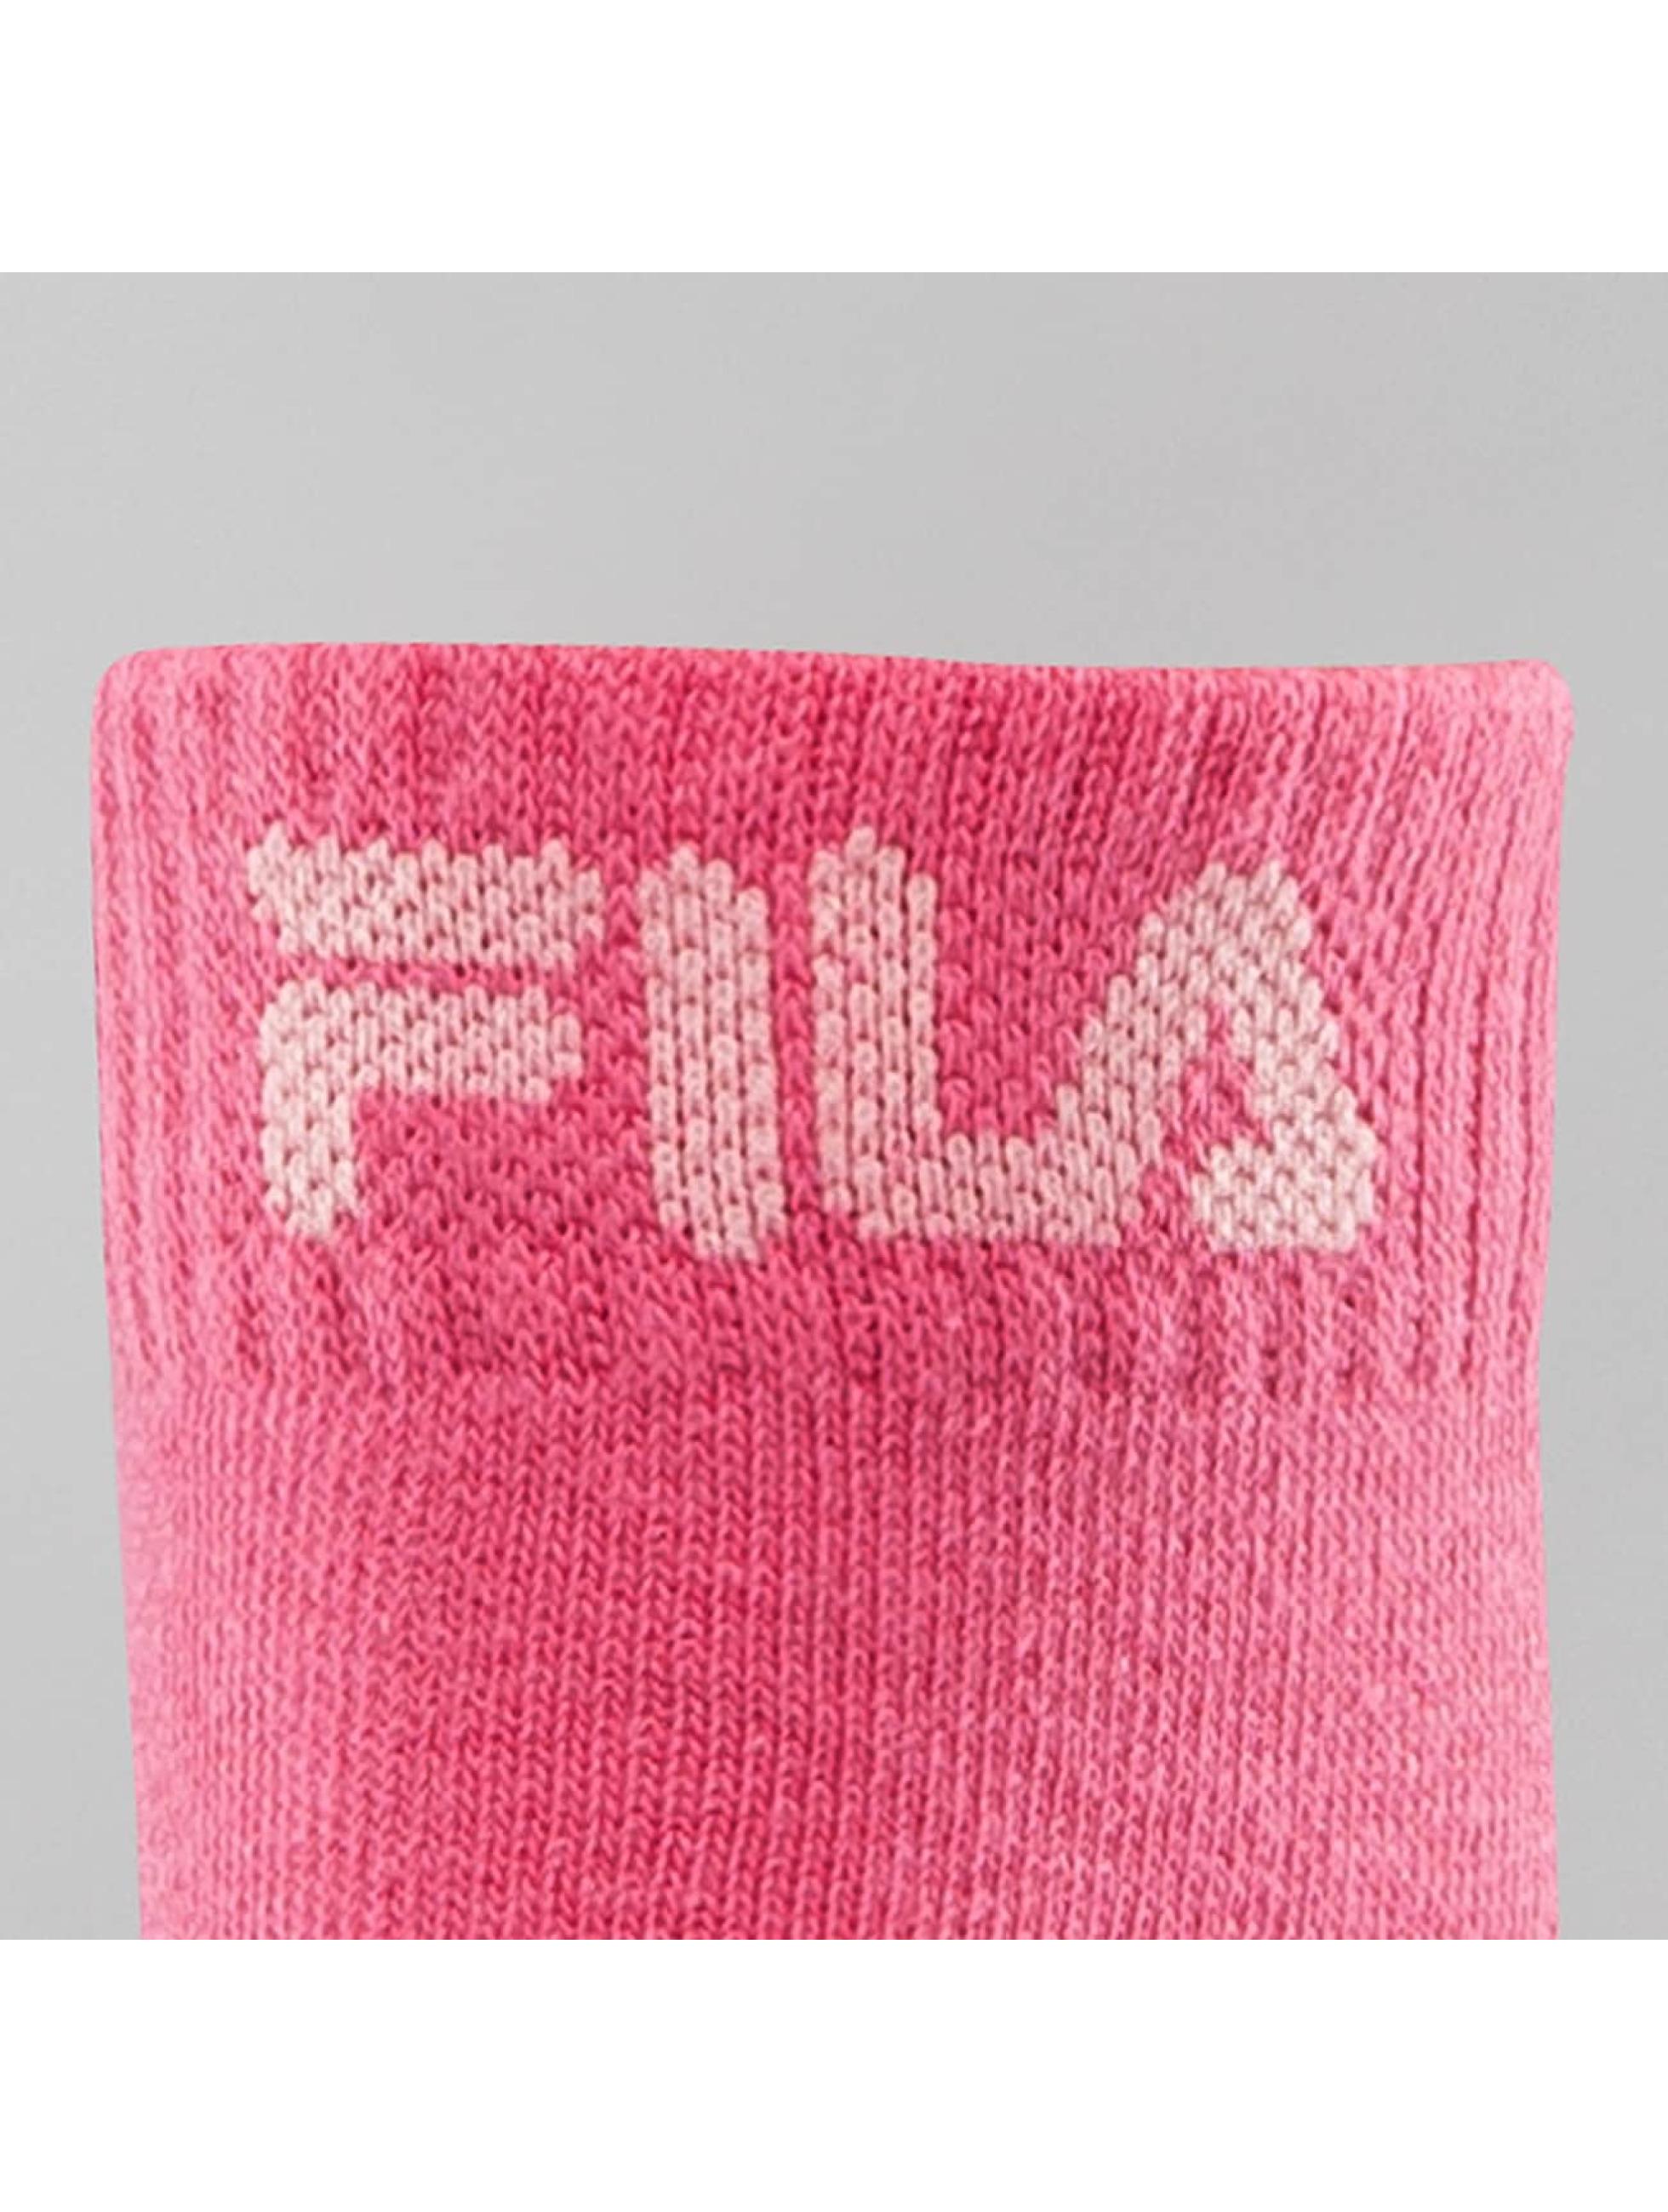 FILA Strømper 3-Pack pink